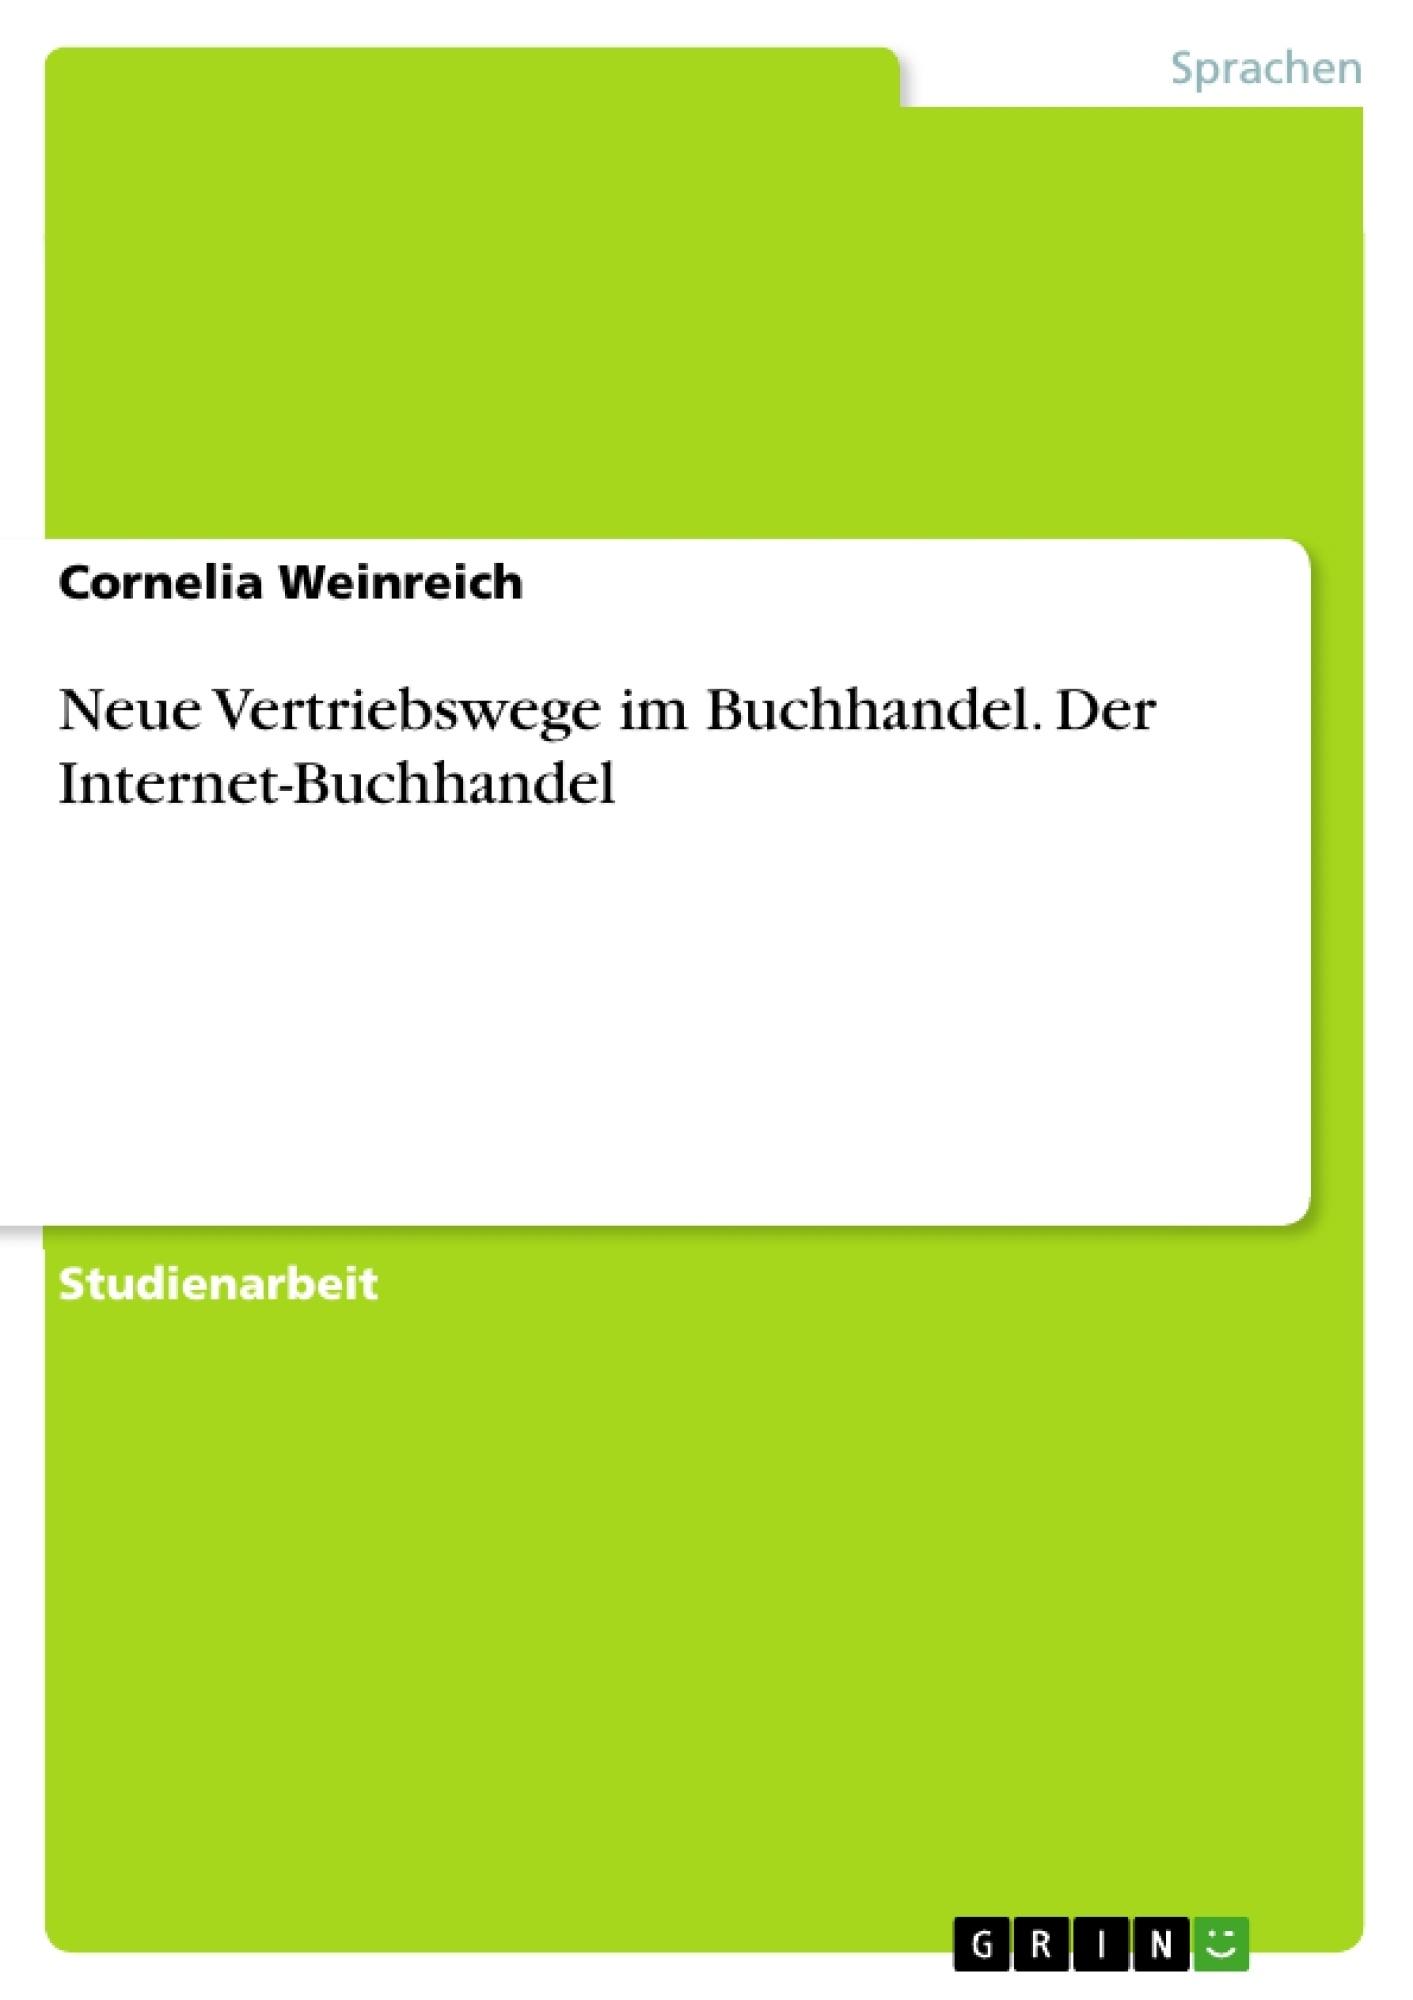 Titel: Neue Vertriebswege im Buchhandel. Der Internet-Buchhandel